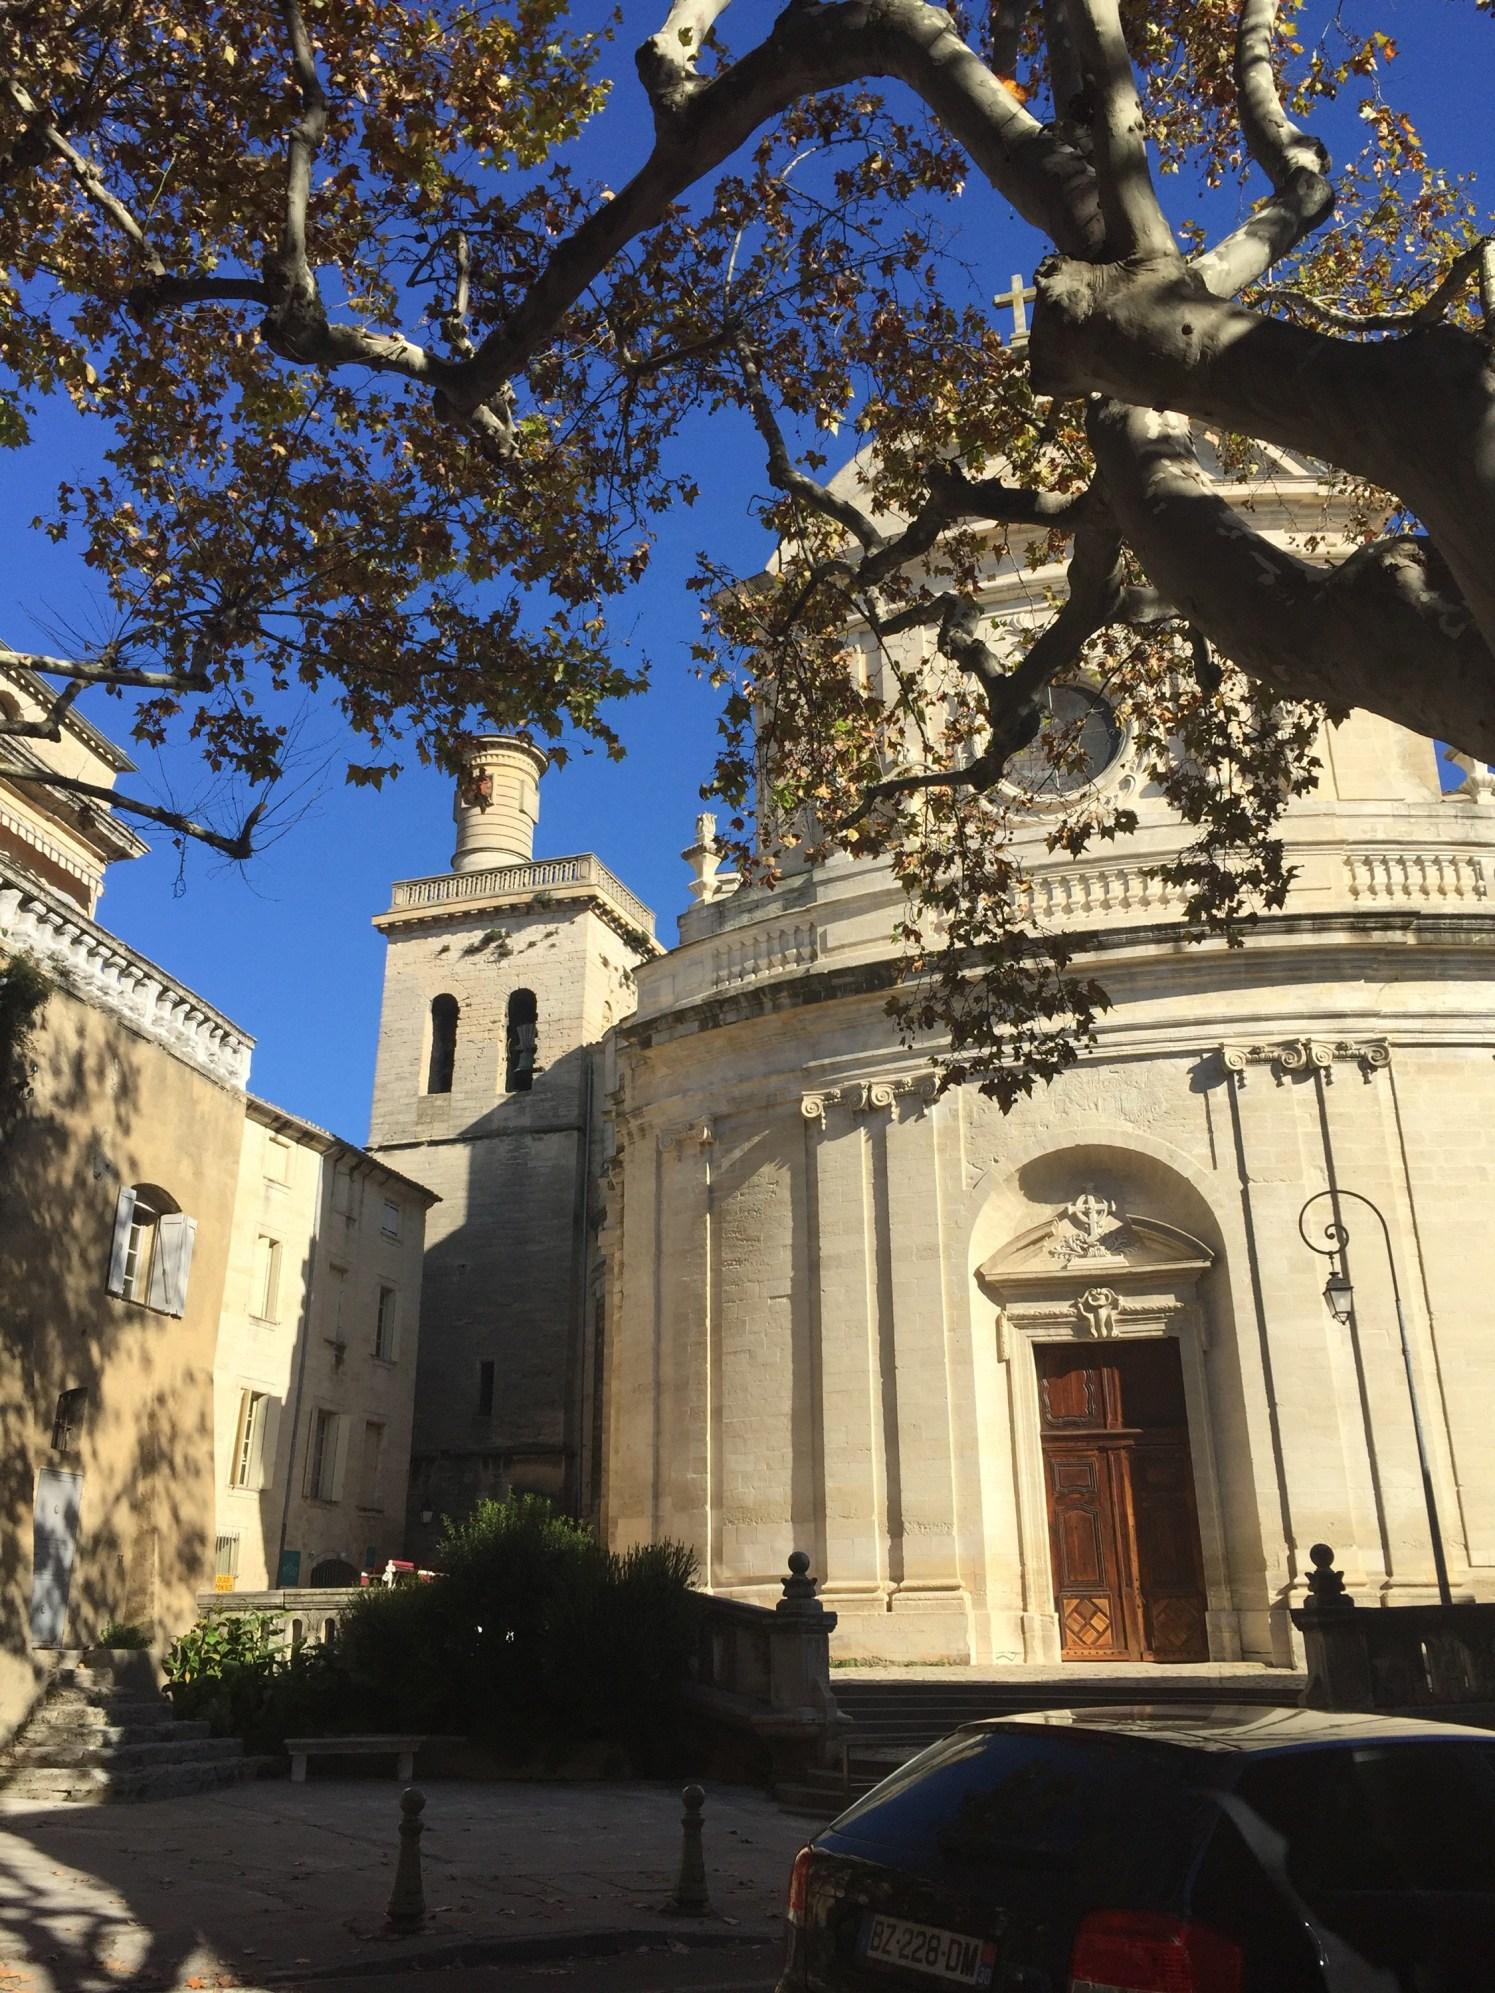 St. Etienne - Uzes